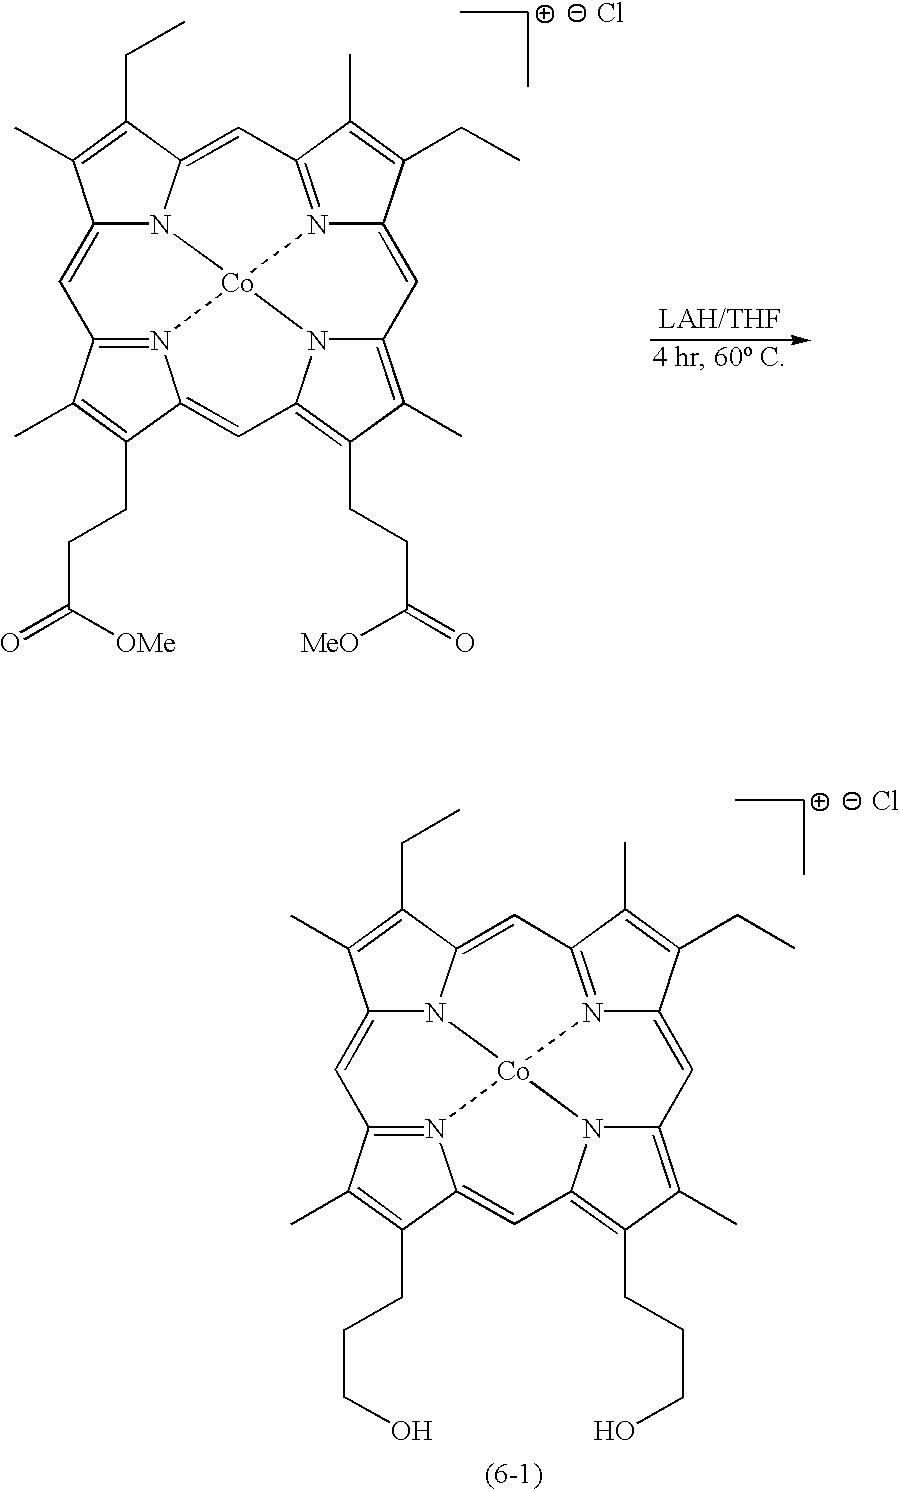 Figure US20020165216A1-20021107-C00017